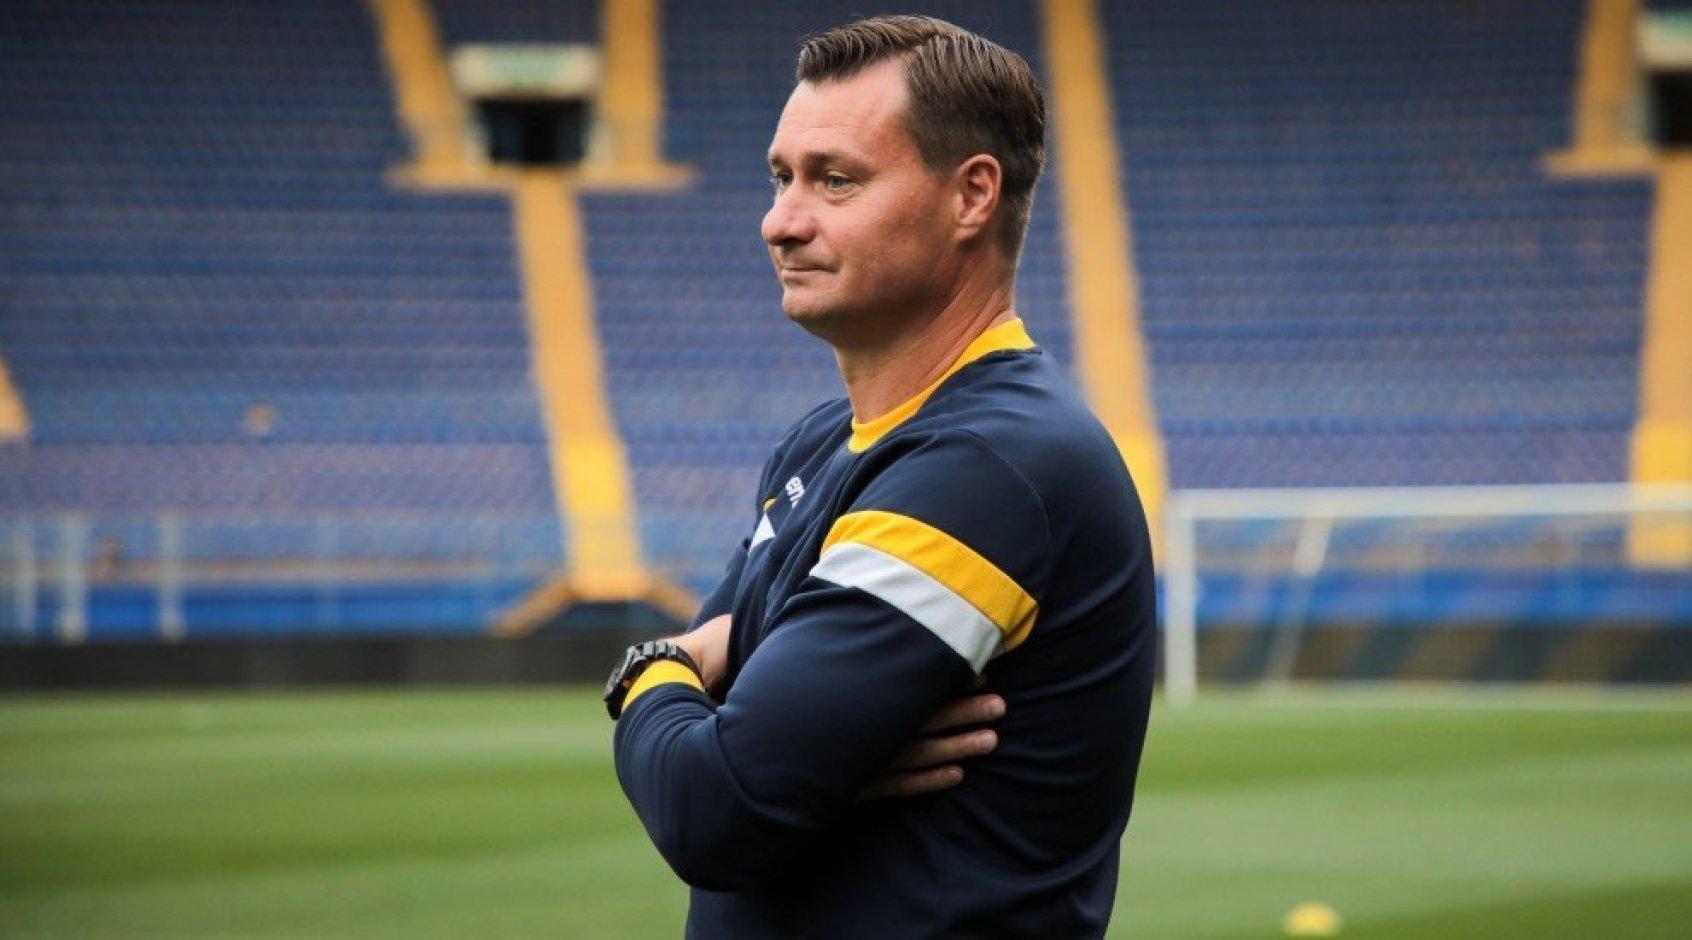 """Андрей Демченко: """"В """"Аяксе"""" не получилось, потому что я был талантлив, но не понимал систему игры"""""""